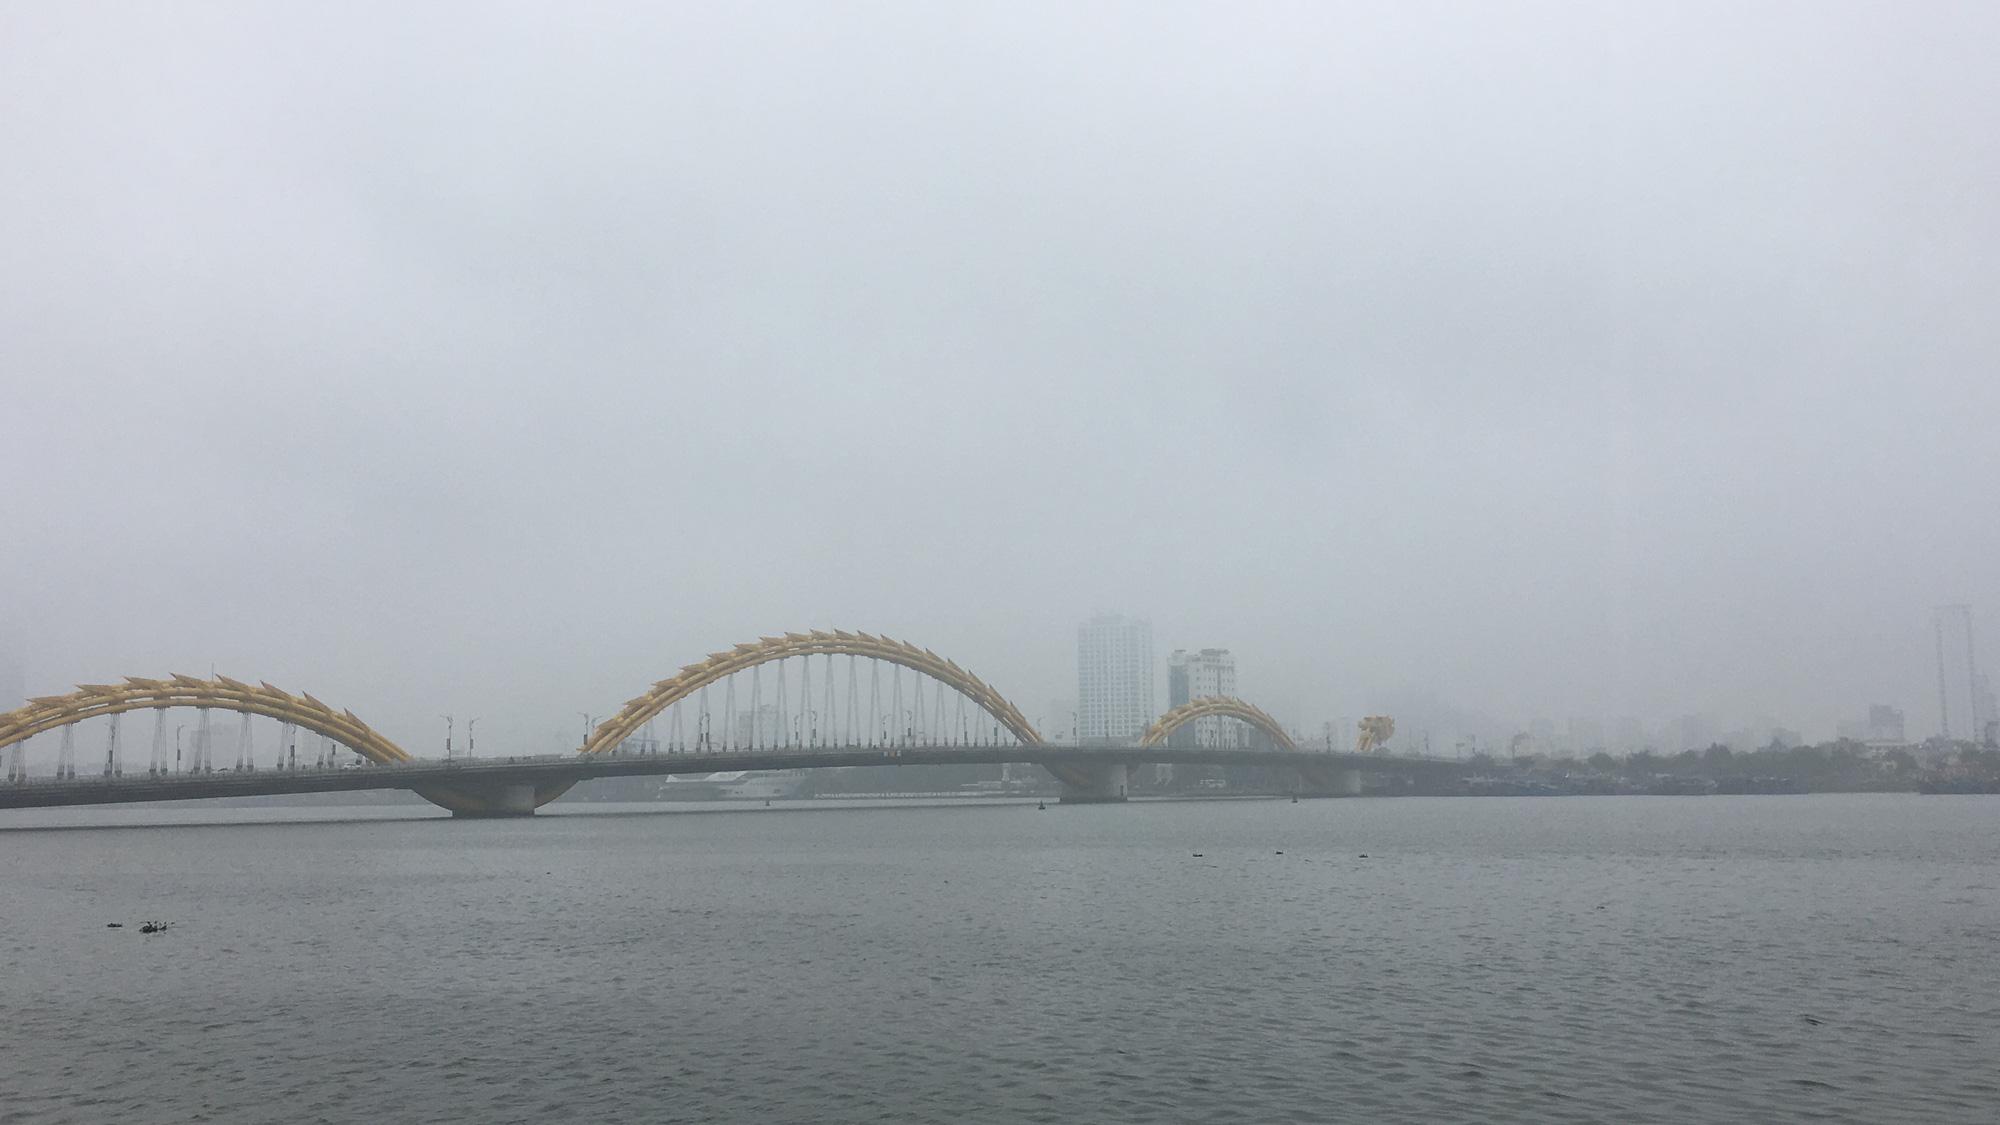 Đà Nẵng chìm trong sương mù dày đặc dù đã gần 9 giờ sáng - Ảnh 10.